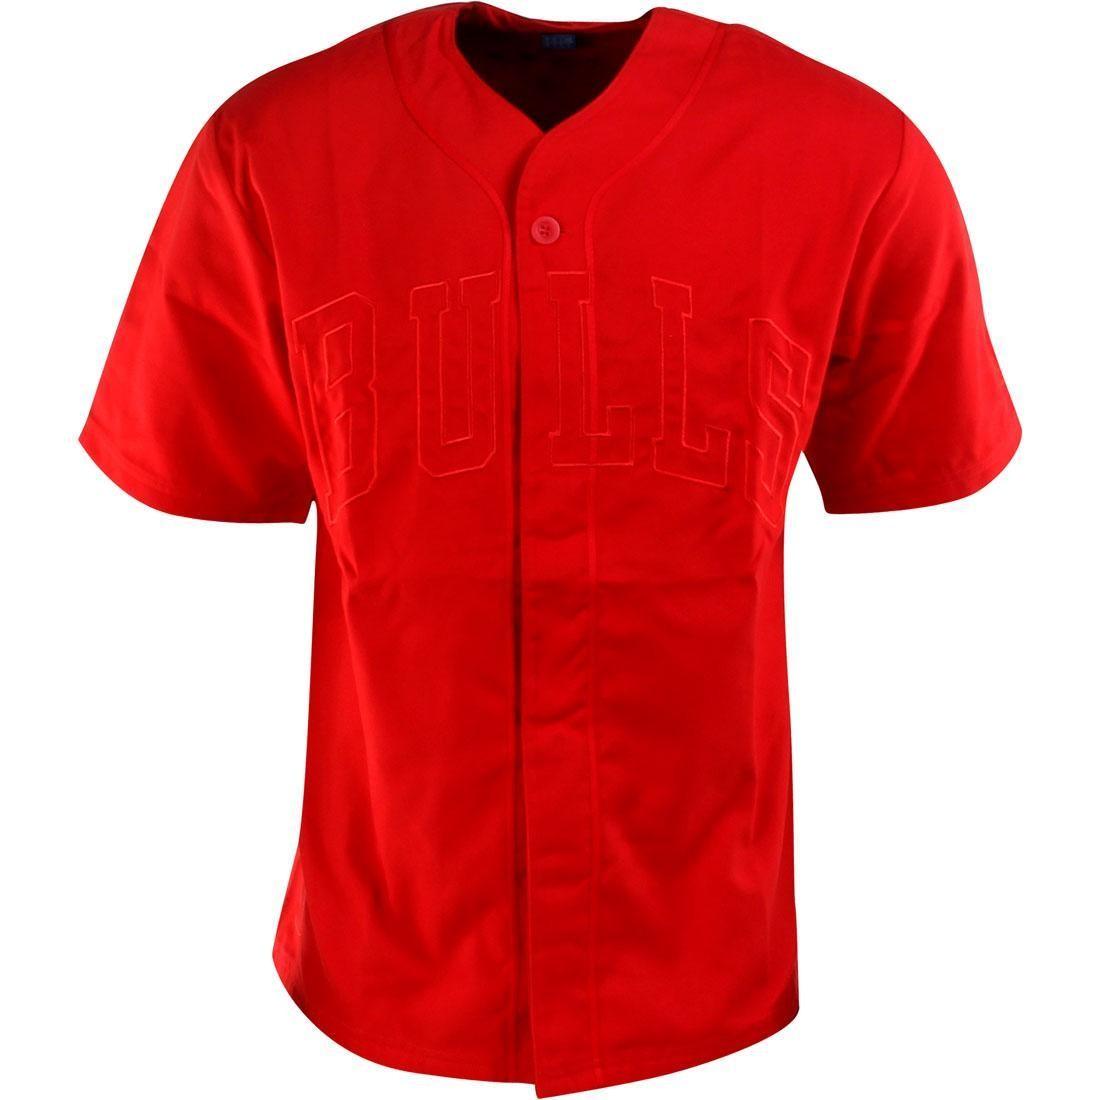 アディダス ADIDAS シカゴ ブルズ ジャージ メンズファッション トップス Tシャツ カットソー メンズ 【 Nba Chicago Bulls Jersey (red / Redsld) 】 Red / Redsld